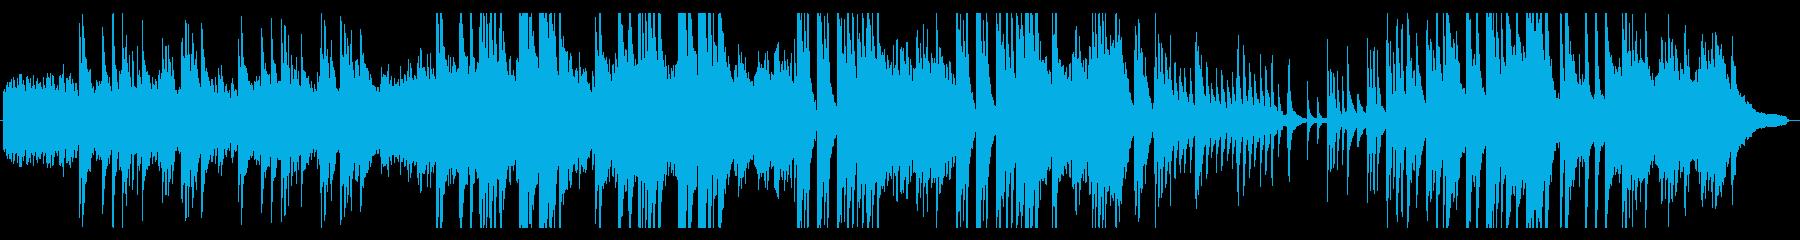 ファンタジックでノスタルジックなピアノ曲の再生済みの波形